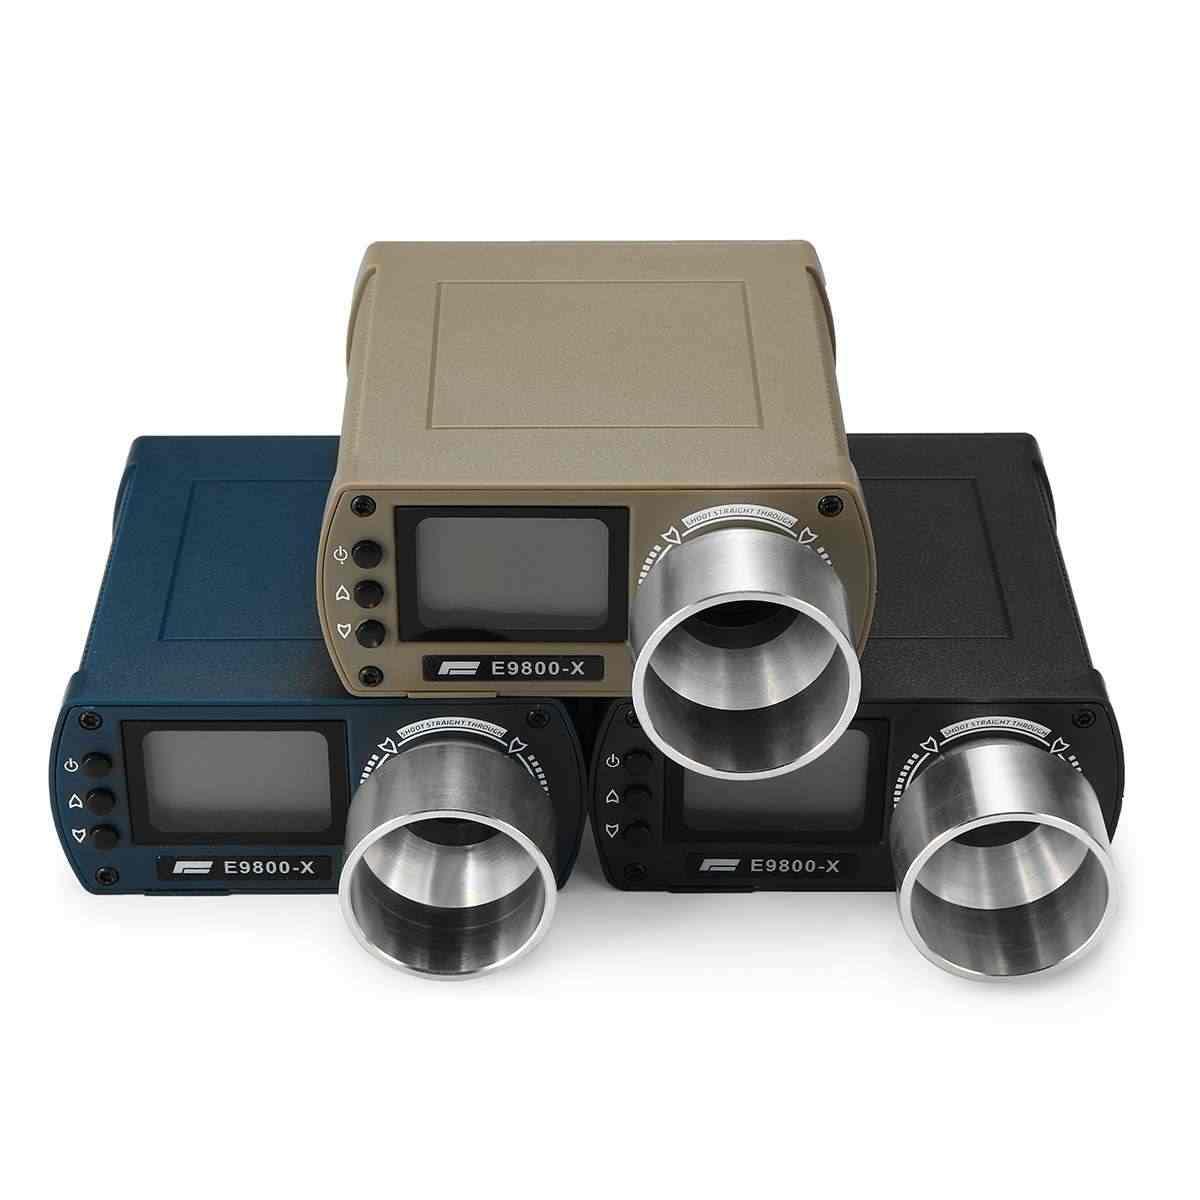 E9800-X Airsoft Bb Schieten Speed Tester Hoge Precisie Schieten Timer -10C Om 50C Lcd-scherm 0-500J Afvuren-kinetische Energie